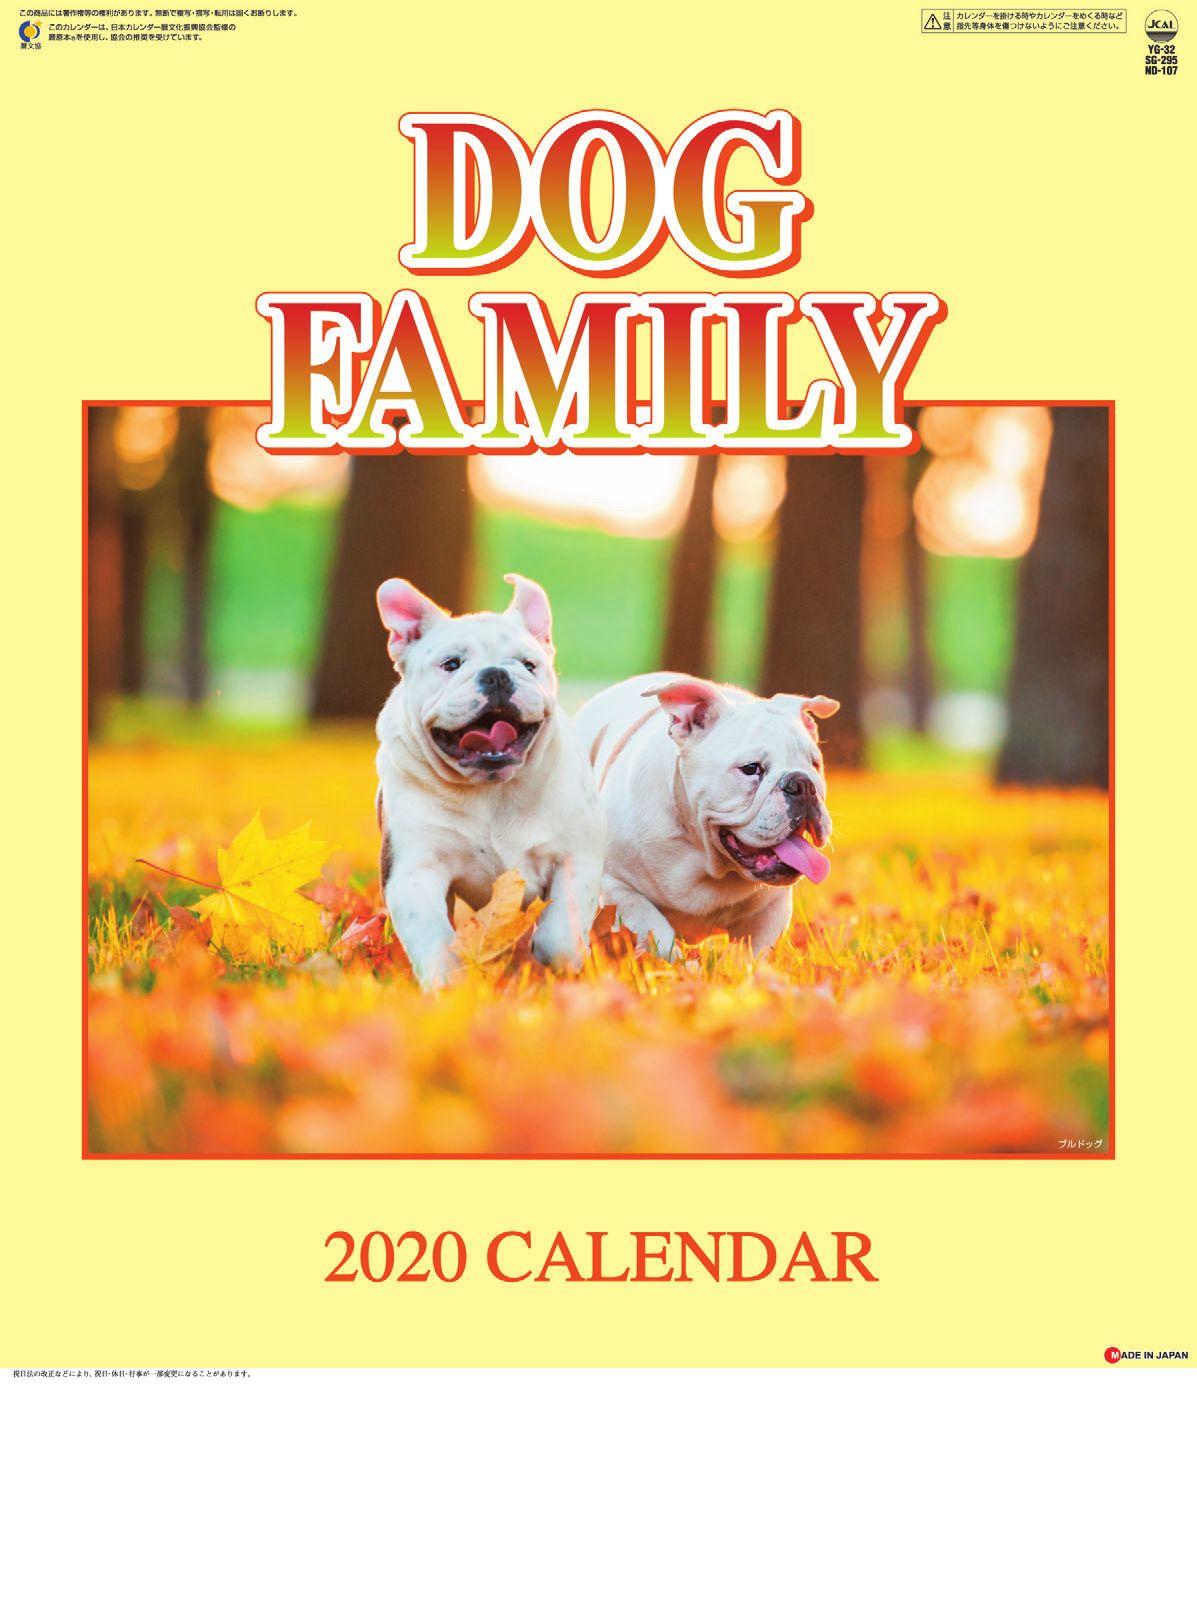 表紙 ドッグファミリー 2020年カレンダーの画像